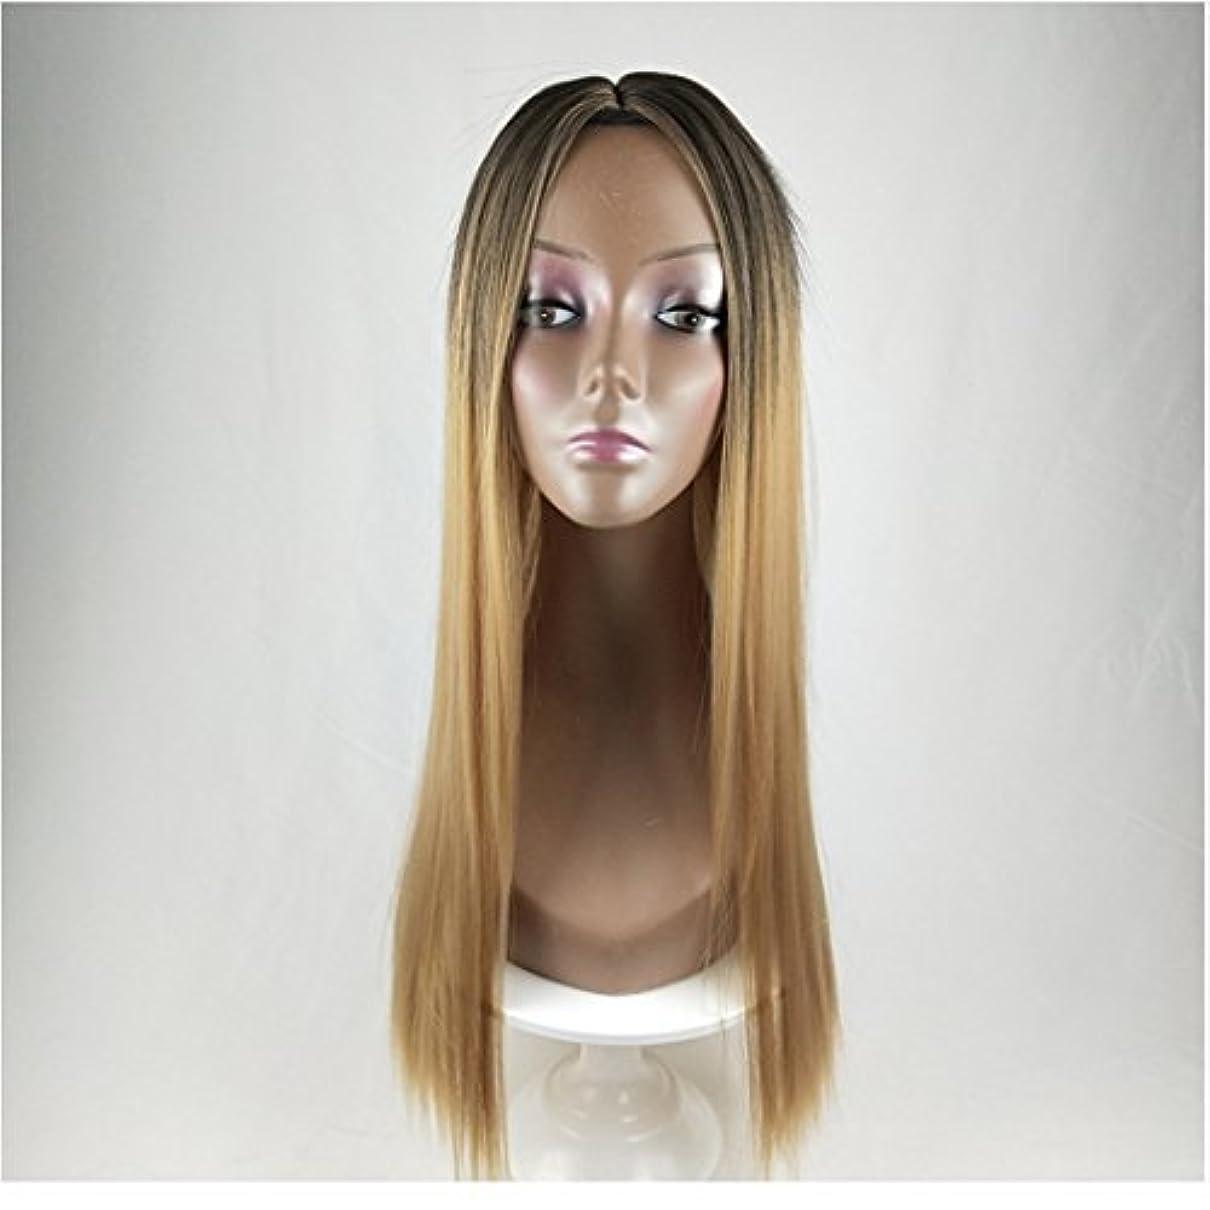 拡声器反発傷つけるJIANFU 合成 長い ストレート ヘア カラー グラデーション フル ウィッグ女性 ロングバンズ 耐熱 コスプレ/パーティー (Color : Black Gradient Linen Yellow)